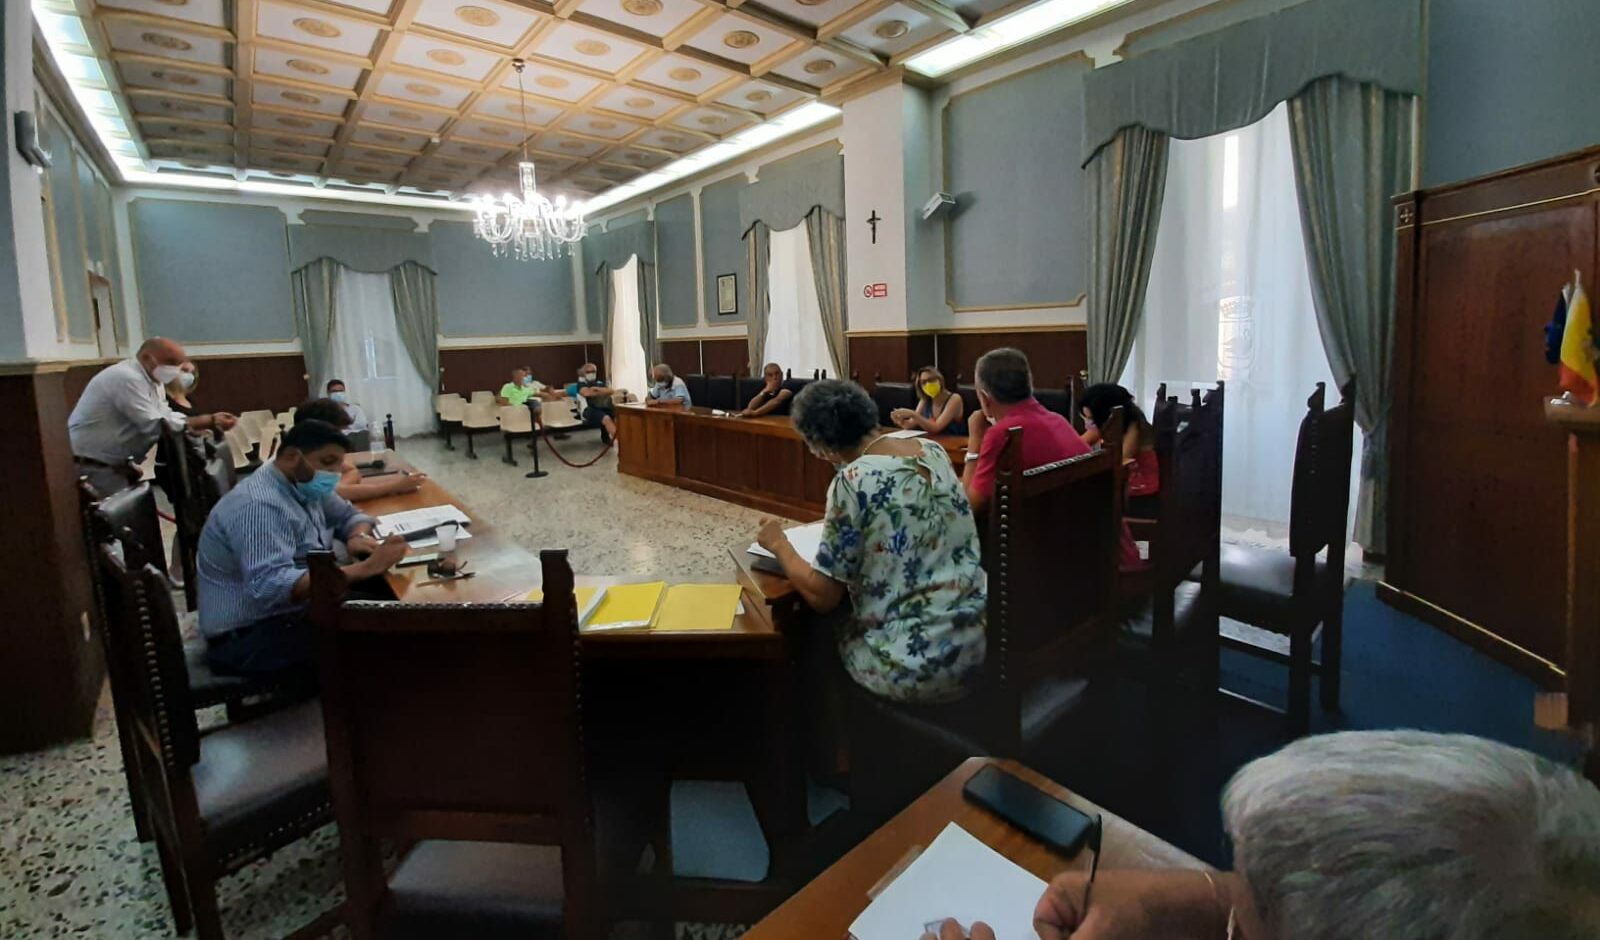 Consiglio comunale: via libera alla riduzione della Tari per 210 mila euro